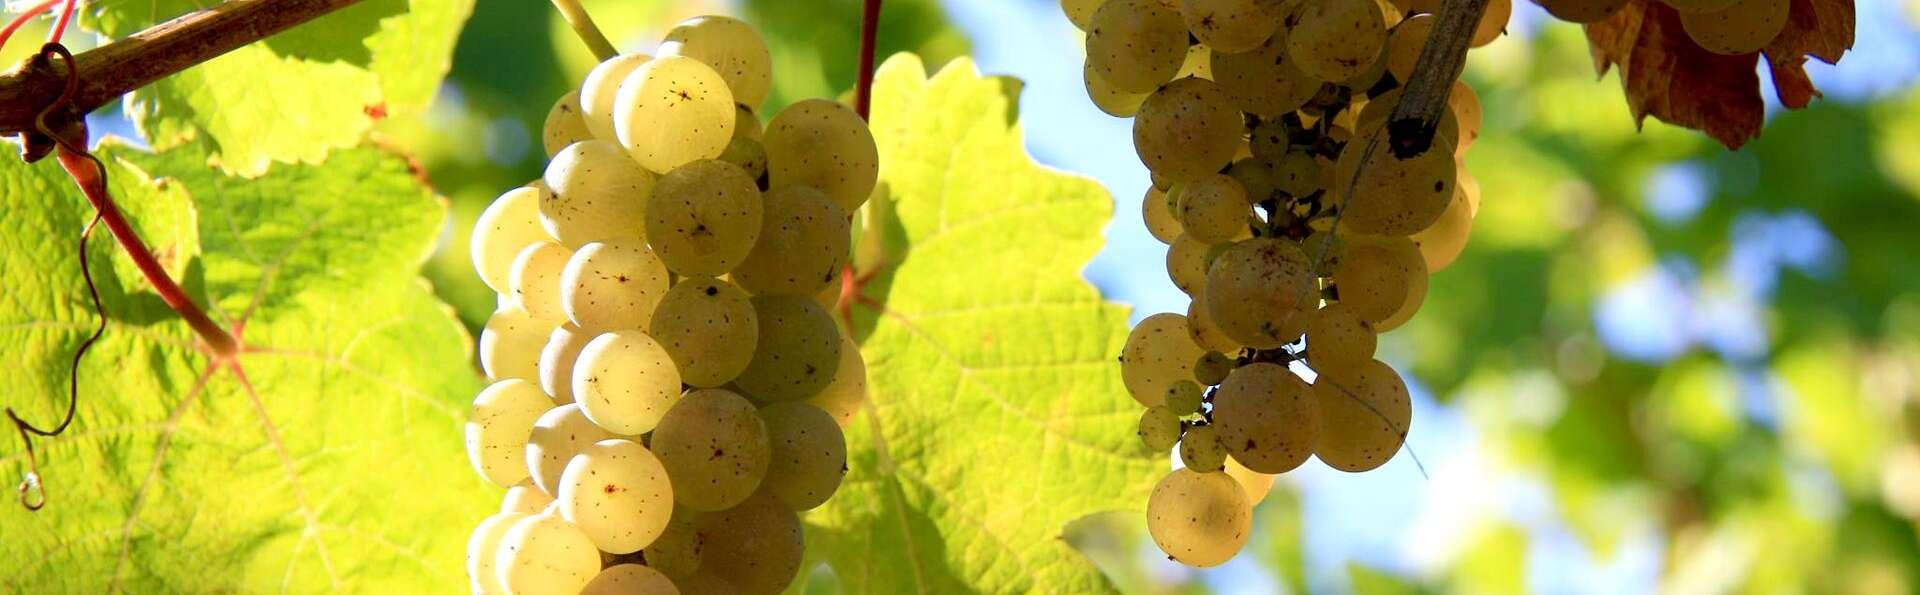 Escapade près de Colmar avec dégustation de vins